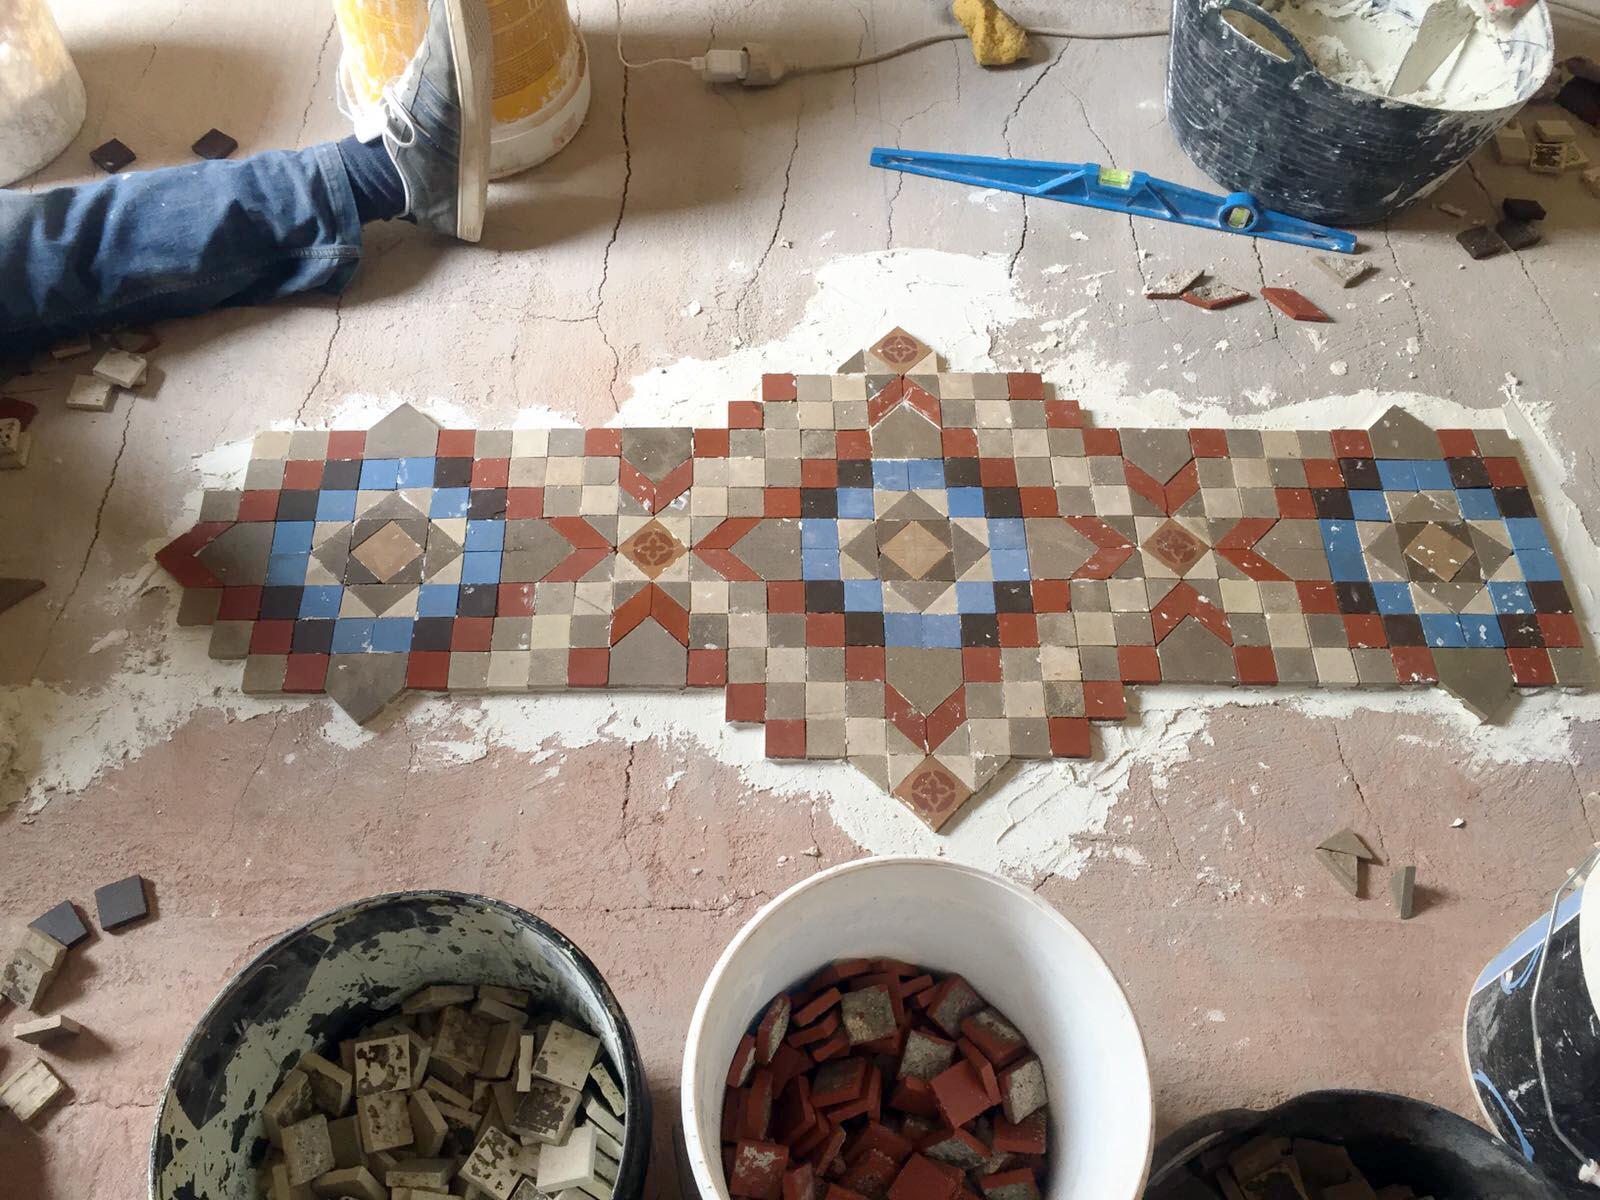 MosaicosBarcelona-Recuperacion-suelo-nolla-en-vivienda-calle-Trafalgar-Barcelona-21